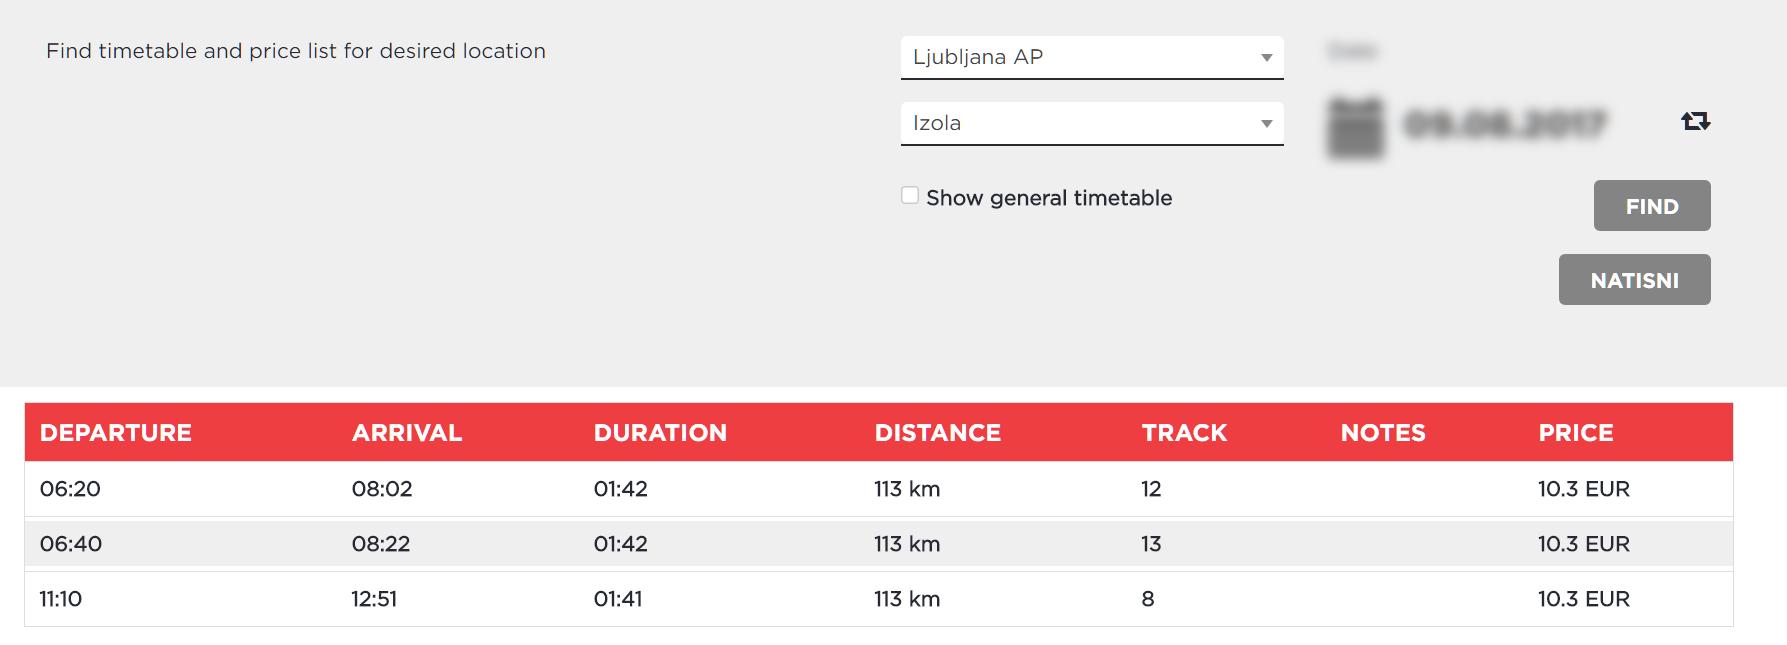 Расписание движения автобусов Любляна-Изола